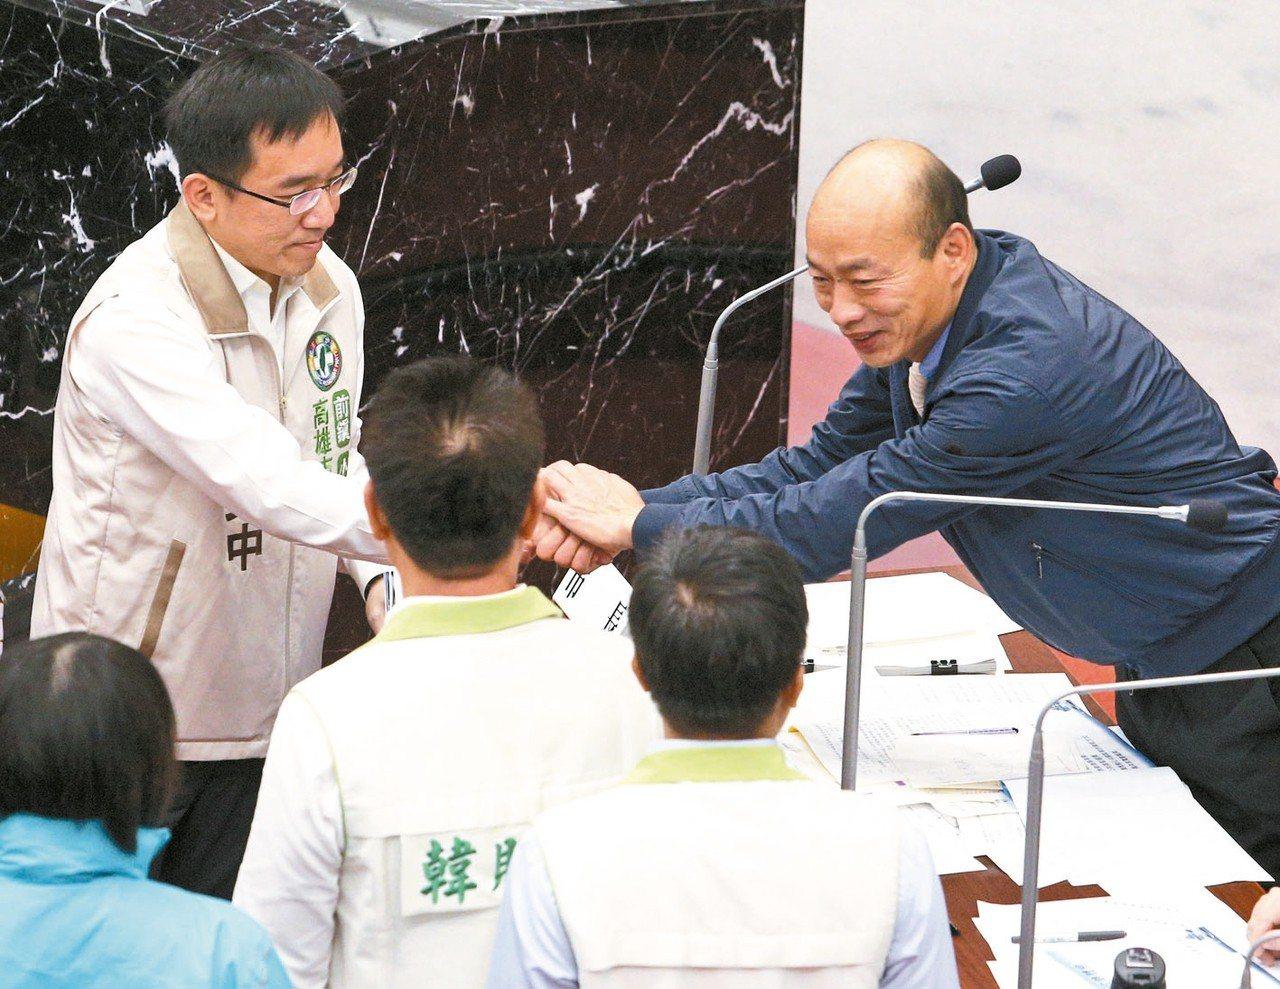 高雄市長韓國瑜(右)今天上午首度進議會接受質詢,並與民進黨議員陳致中(左)握手。...